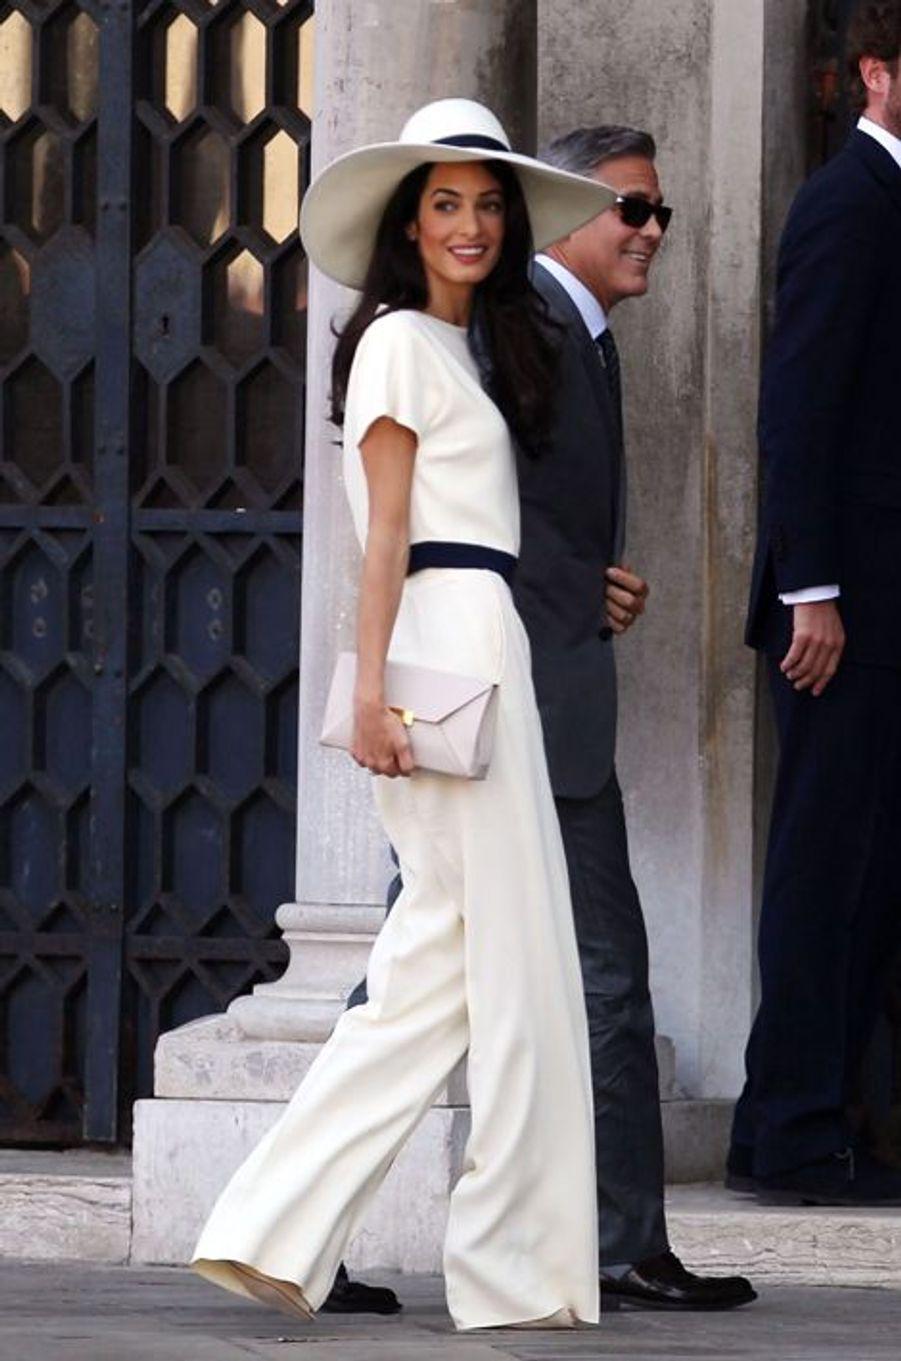 Sacrée «femme la plus influente de Londres» en octobre dernier par le journal britannique «The Evening Standard», Amal Clooney est désormais considérée comme étant l'une des icônes les plus suivies du monde hollywoodien. Scrutée par les nombreux paparazzi entre Londres et New York, l'épouse de George a un sens du style certain, même si elle prend parfois des risques.Propulsée sur le devant de la scène médiatique en septembre dernier lors de son fastueux mariage vénitien, l'avocate de 37 ans cultive un goût de la mode. D'Oscar de la Renta à Giambattista Valli, en passant par Dolce & Gabbana ou bien encore Balenciaga et Dior, la juriste spécialiste du droit international a quelques créateurs chouchous. Sobres, élégantes et parfois beaucoup trop osées, ces pièces griffées valent quelques milliers d'euros, pour un look total avoisinant en moyenne les 4.000 euros.À l'aise sur ses talons, Madame Clooney ne se refuse rien, pas même les colliers de sa marque fétiche, Akong London, qui sont chaque estimés à plus de 440 euros. «Bling bling» mais pas trop, celle qui enseigne désormais à la prestigieuse université de Columbia, à New York, rechigne sans trop de peine à collectionner les solaires et les bottines Prada, l'une de ses marques italiennes fétiches. Après tout, tout est une question de détails. Avec Amal, George Clooney en voit décidément de toutes les couleurs. What Else ? ---Déjà très suivie par les paparazzi lors de son fastueux mariage avec George Clooney, Amal s'était apprêtée d'un sublime ensemble Stella McCartney (2.225 euros), assorti à un chapeau de la griffe (550 euros) et d'une pochette Beckett (665 euros). Prix total du look : 3.440 euros.